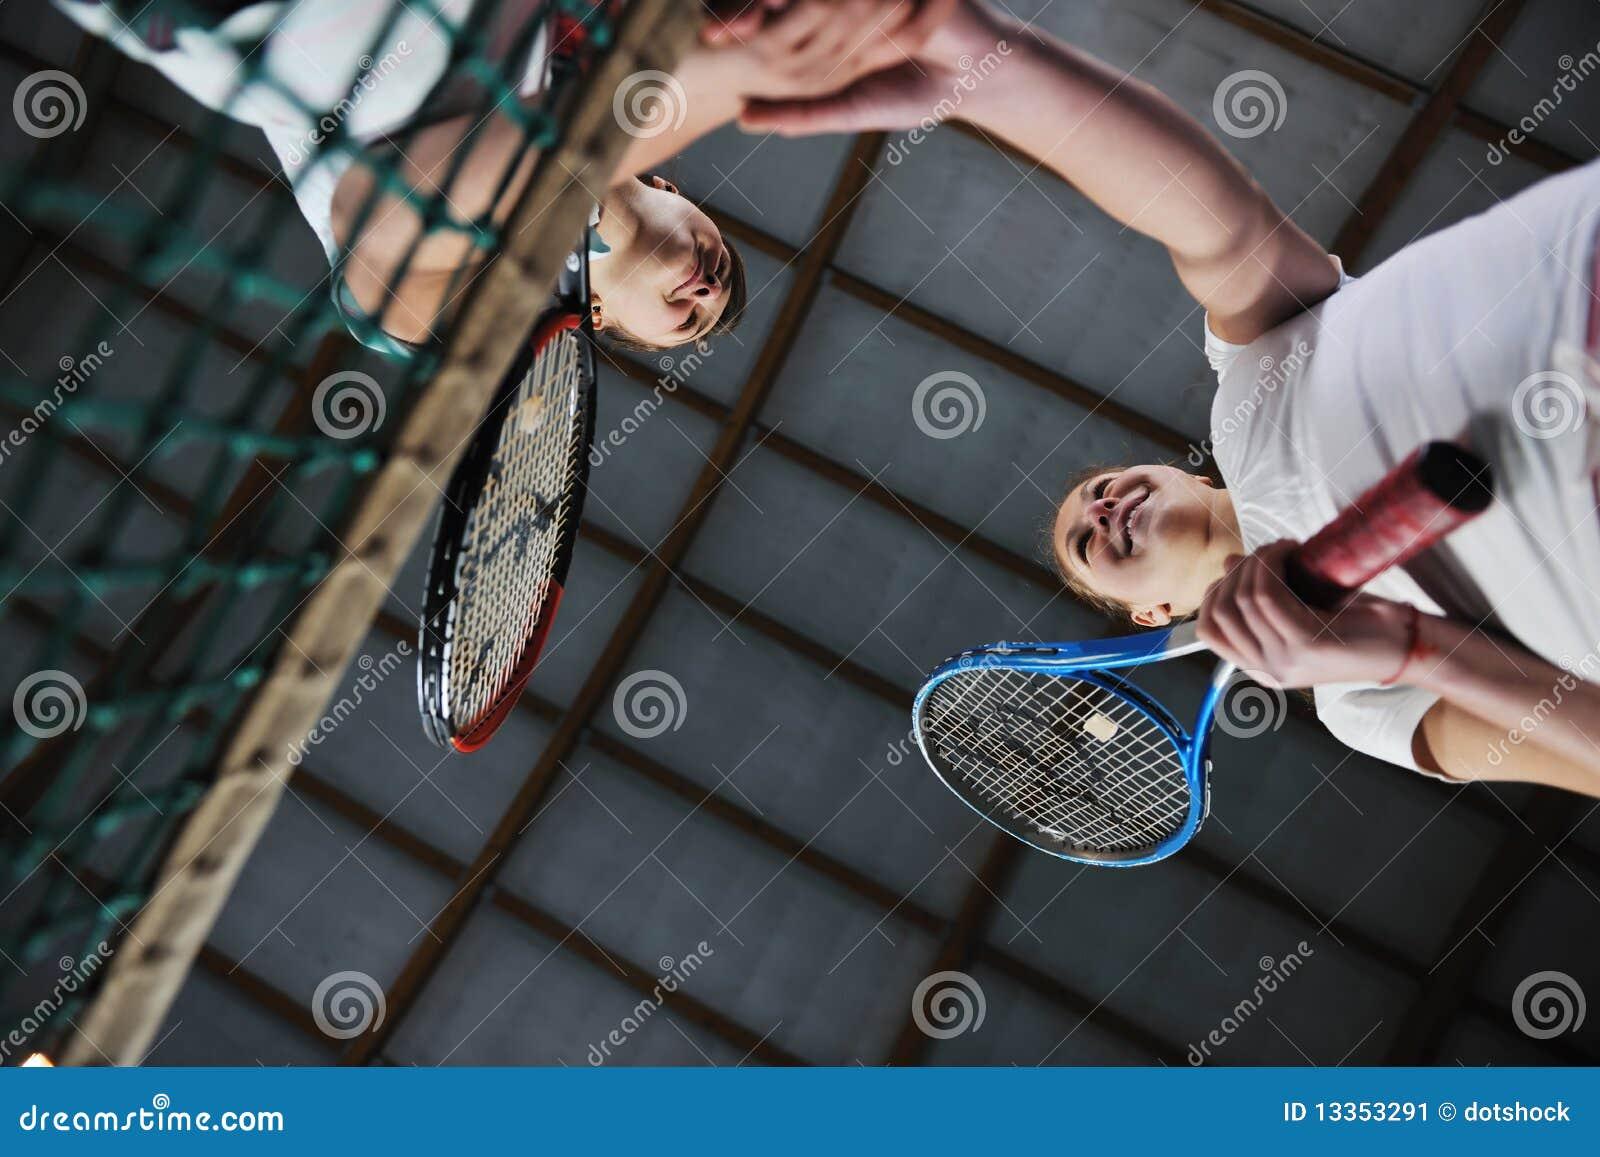 打网球比赛的女孩室内